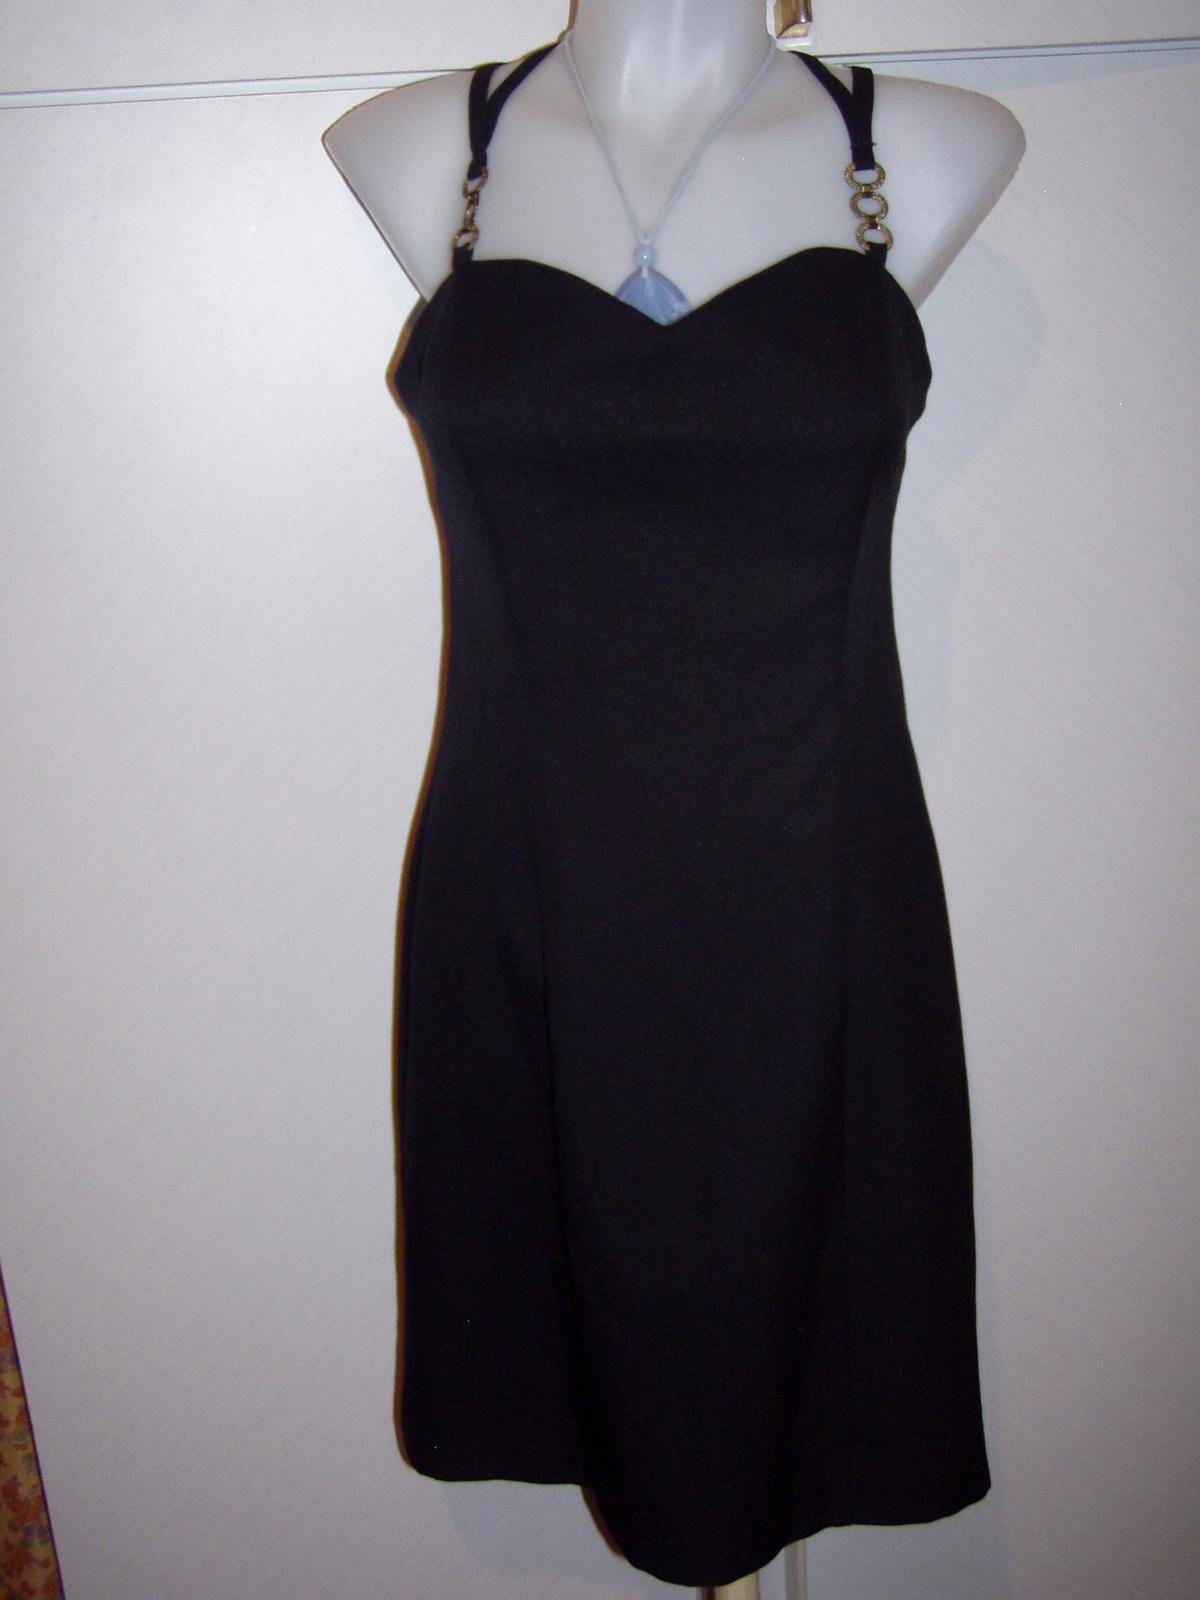 čierne koktejlové šaty na prekrížené ramienka veľ, - Obrázok č. 2